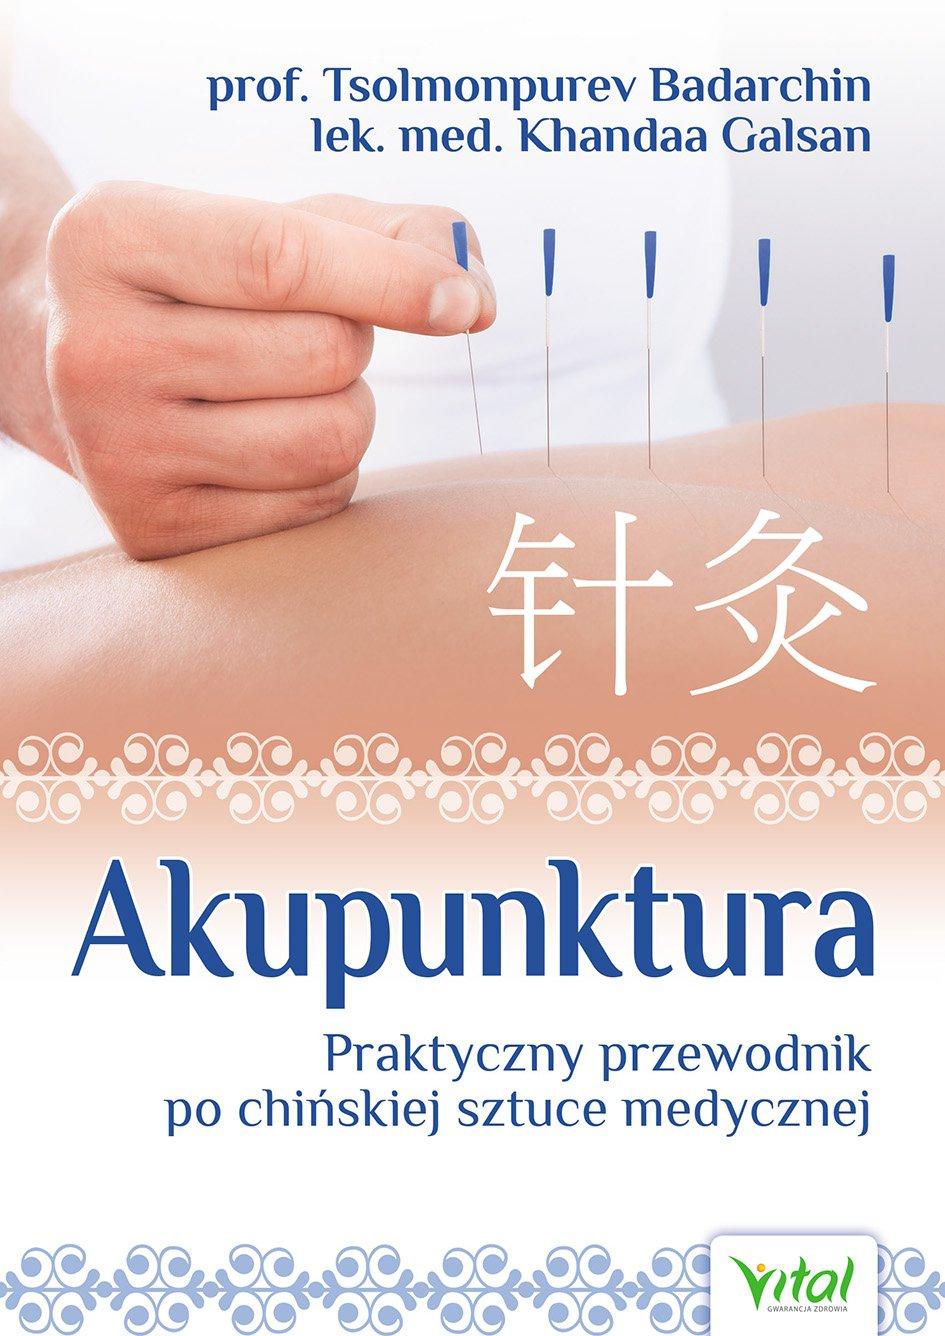 Akupunktura. Praktyczny przewodnik po chińskiej sztuce medycznej - Ebook (Książka EPUB) do pobrania w formacie EPUB